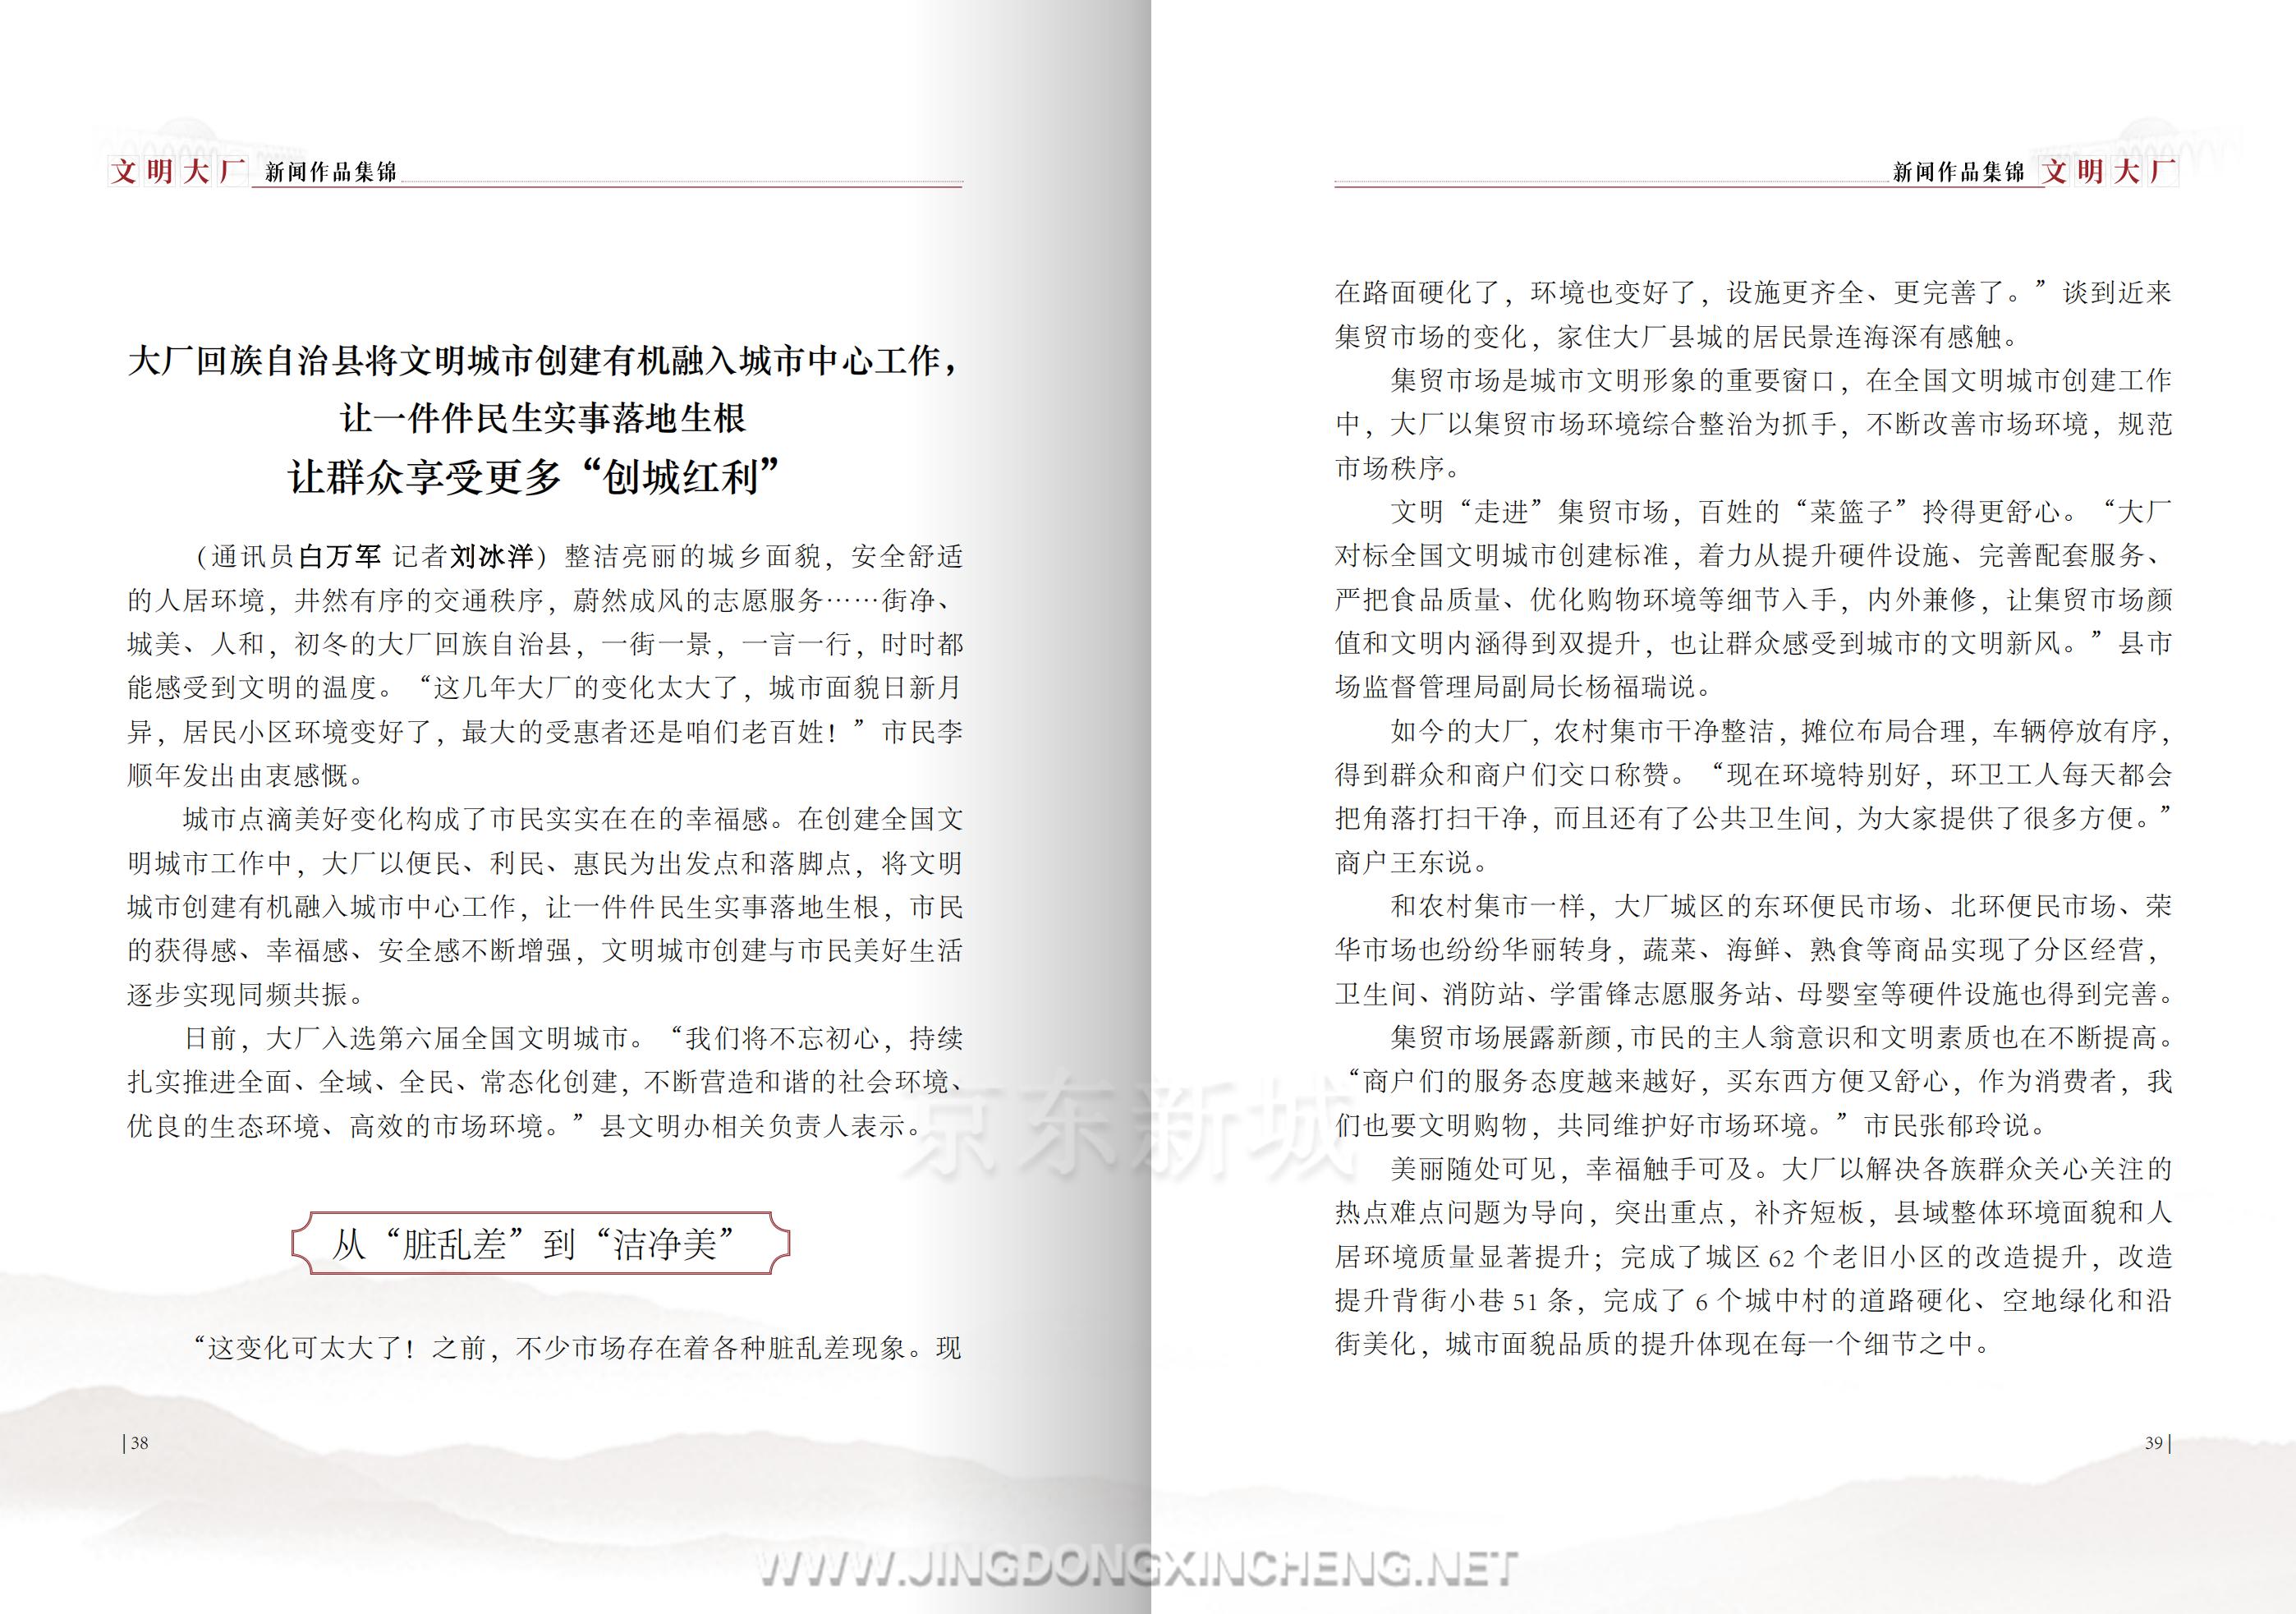 文明大厂书籍-定稿-上传版_23.png